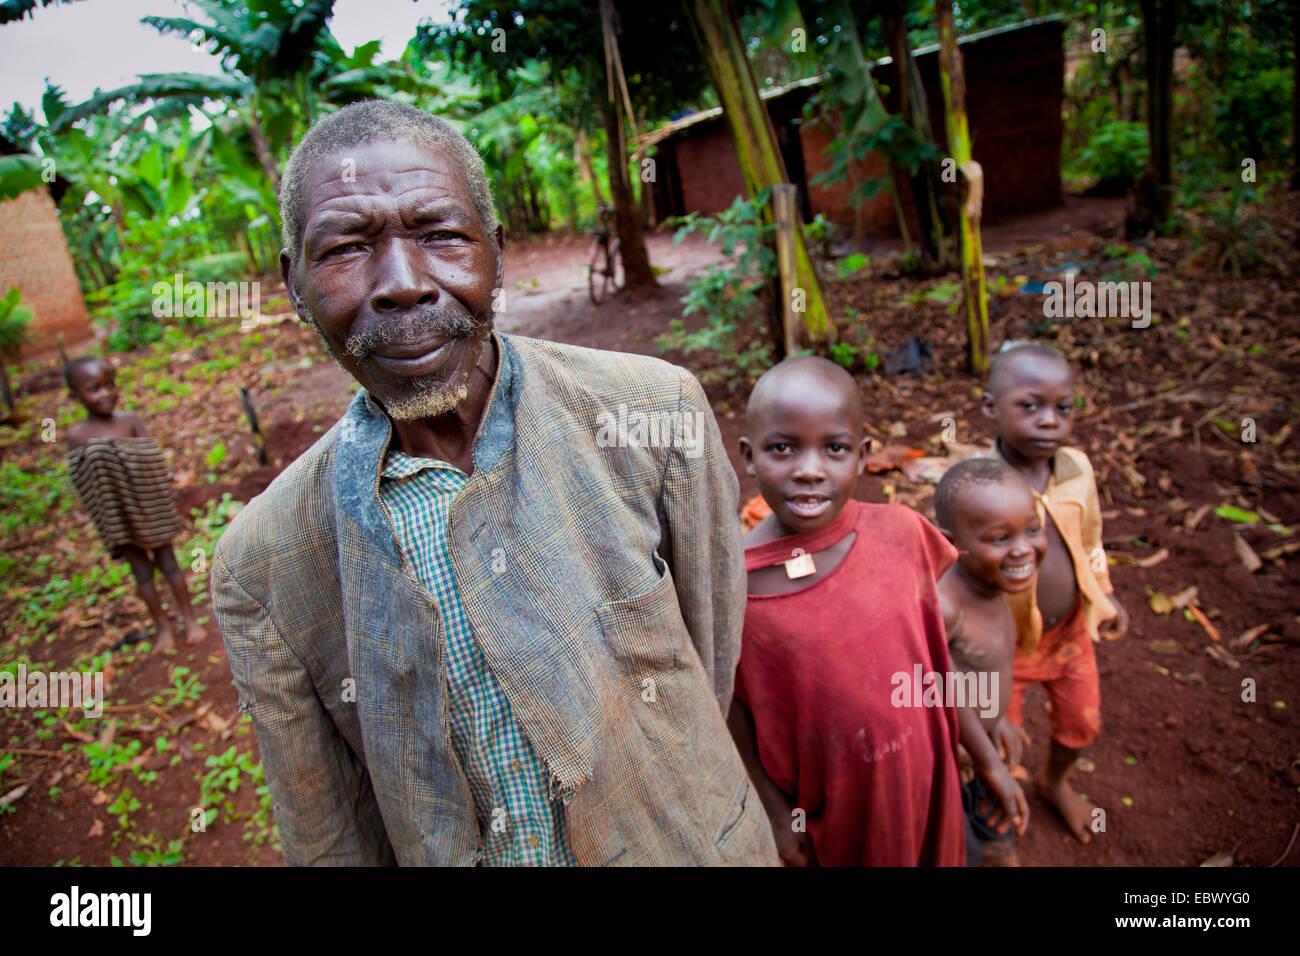 Nonno con una camicia strappata è in piedi con il suo grand bambini davanti al suo semplice casa di fango, Immagini Stock